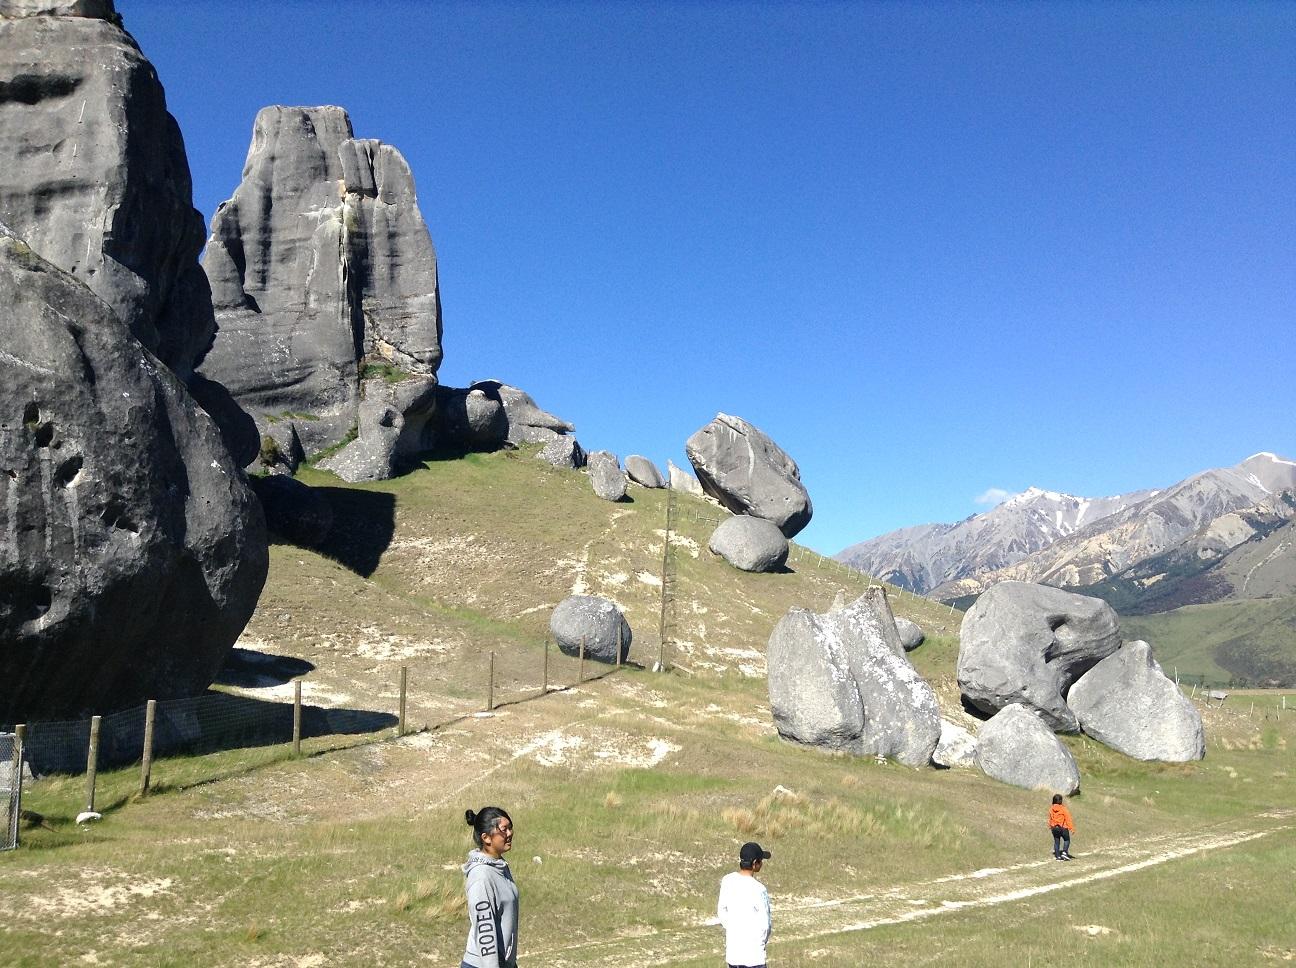 映画 Lord of the Ringのロケ地、キャッスルヒルをハイキング。ニュージーランドの大自然を肌で感じられます。